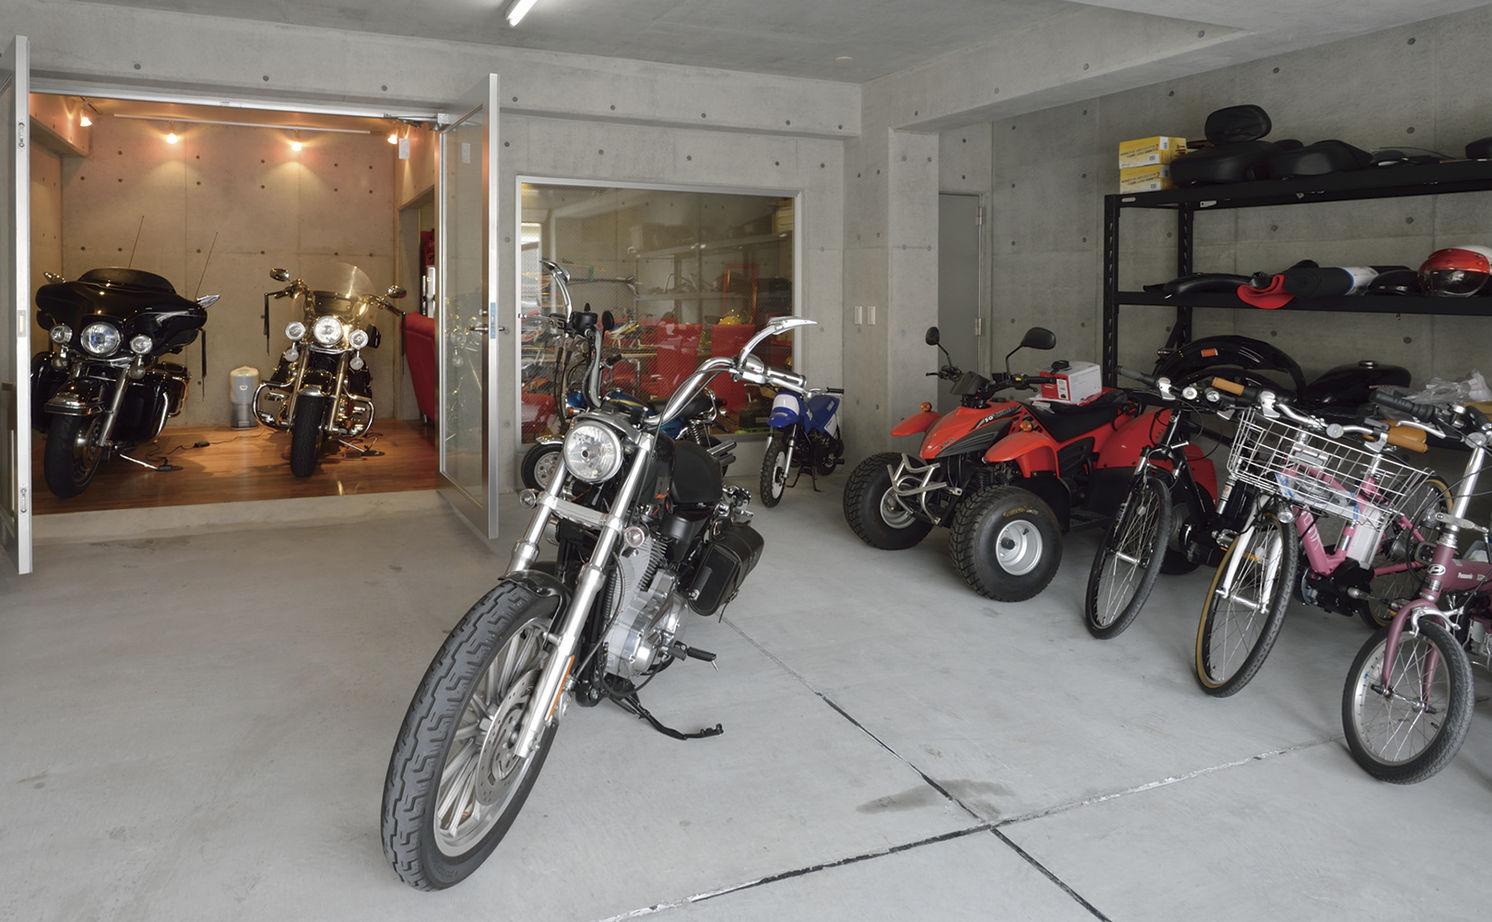 インナーガレージでバイクを眺める贅沢。趣味を存分に。そのための遊び心が分かるパートナー。画像2